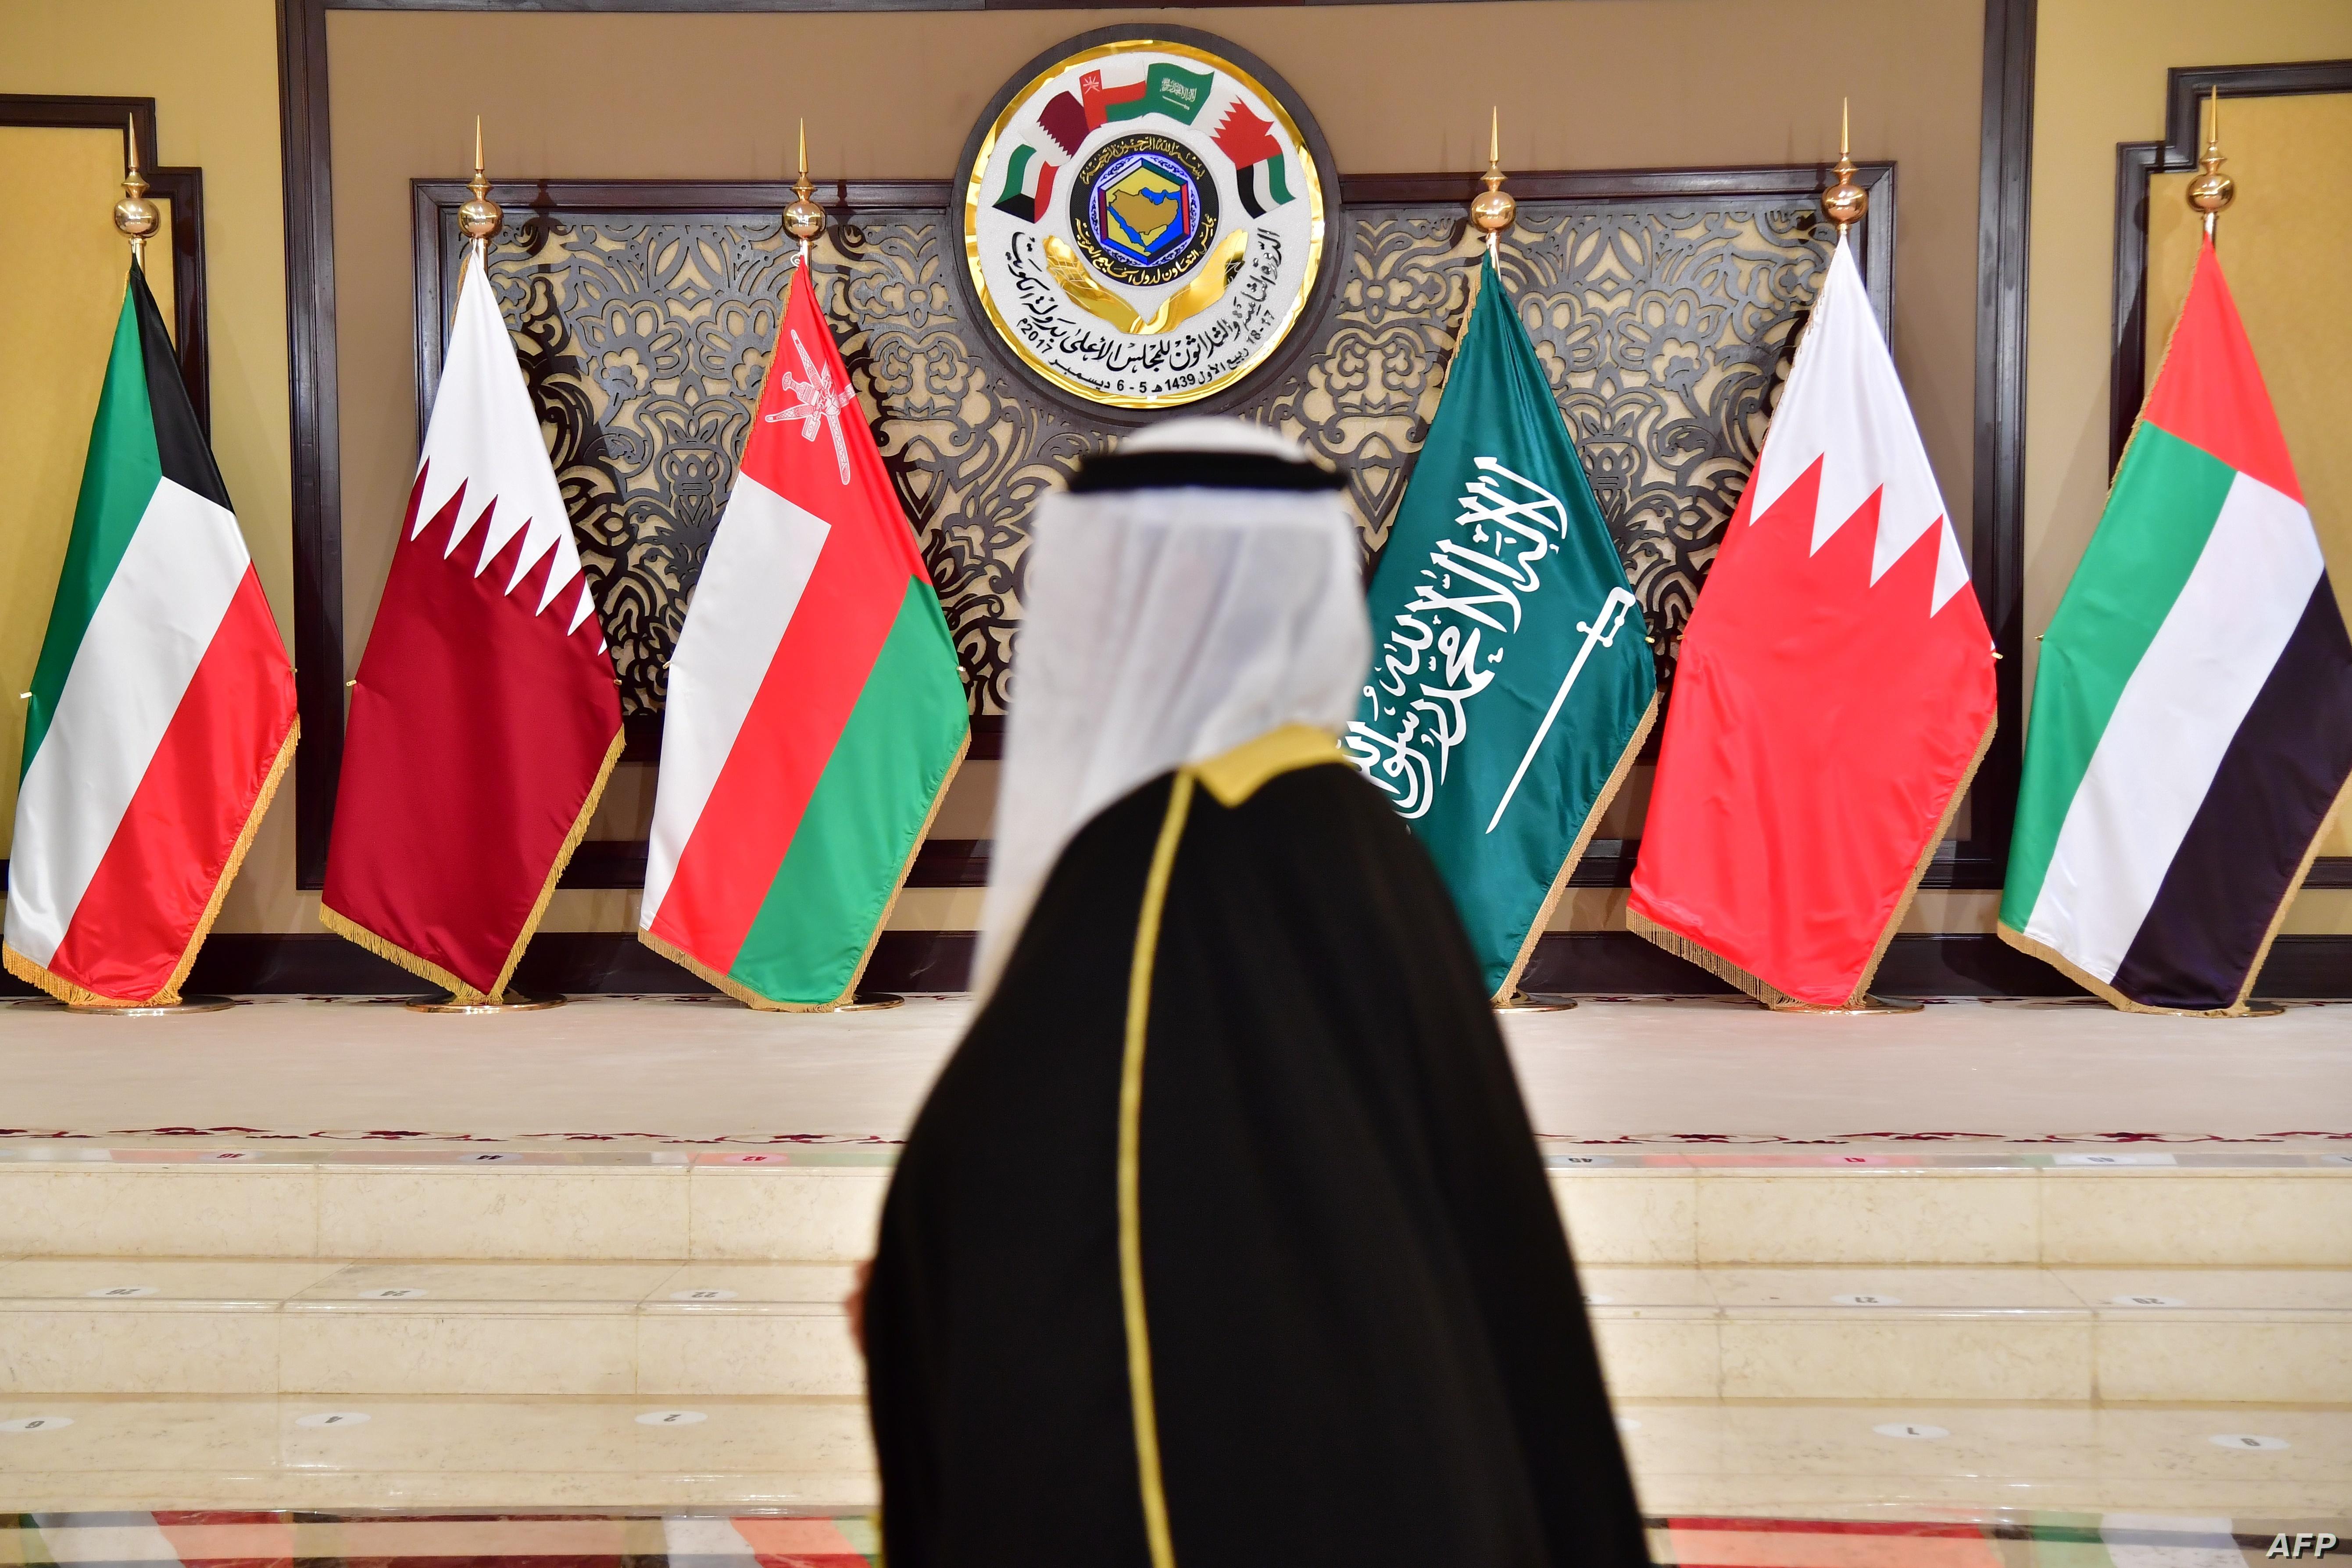 أعلام الدول الخليجية و أسمائها بالإنجليزية Arab Gulf Countries Flags Youtube